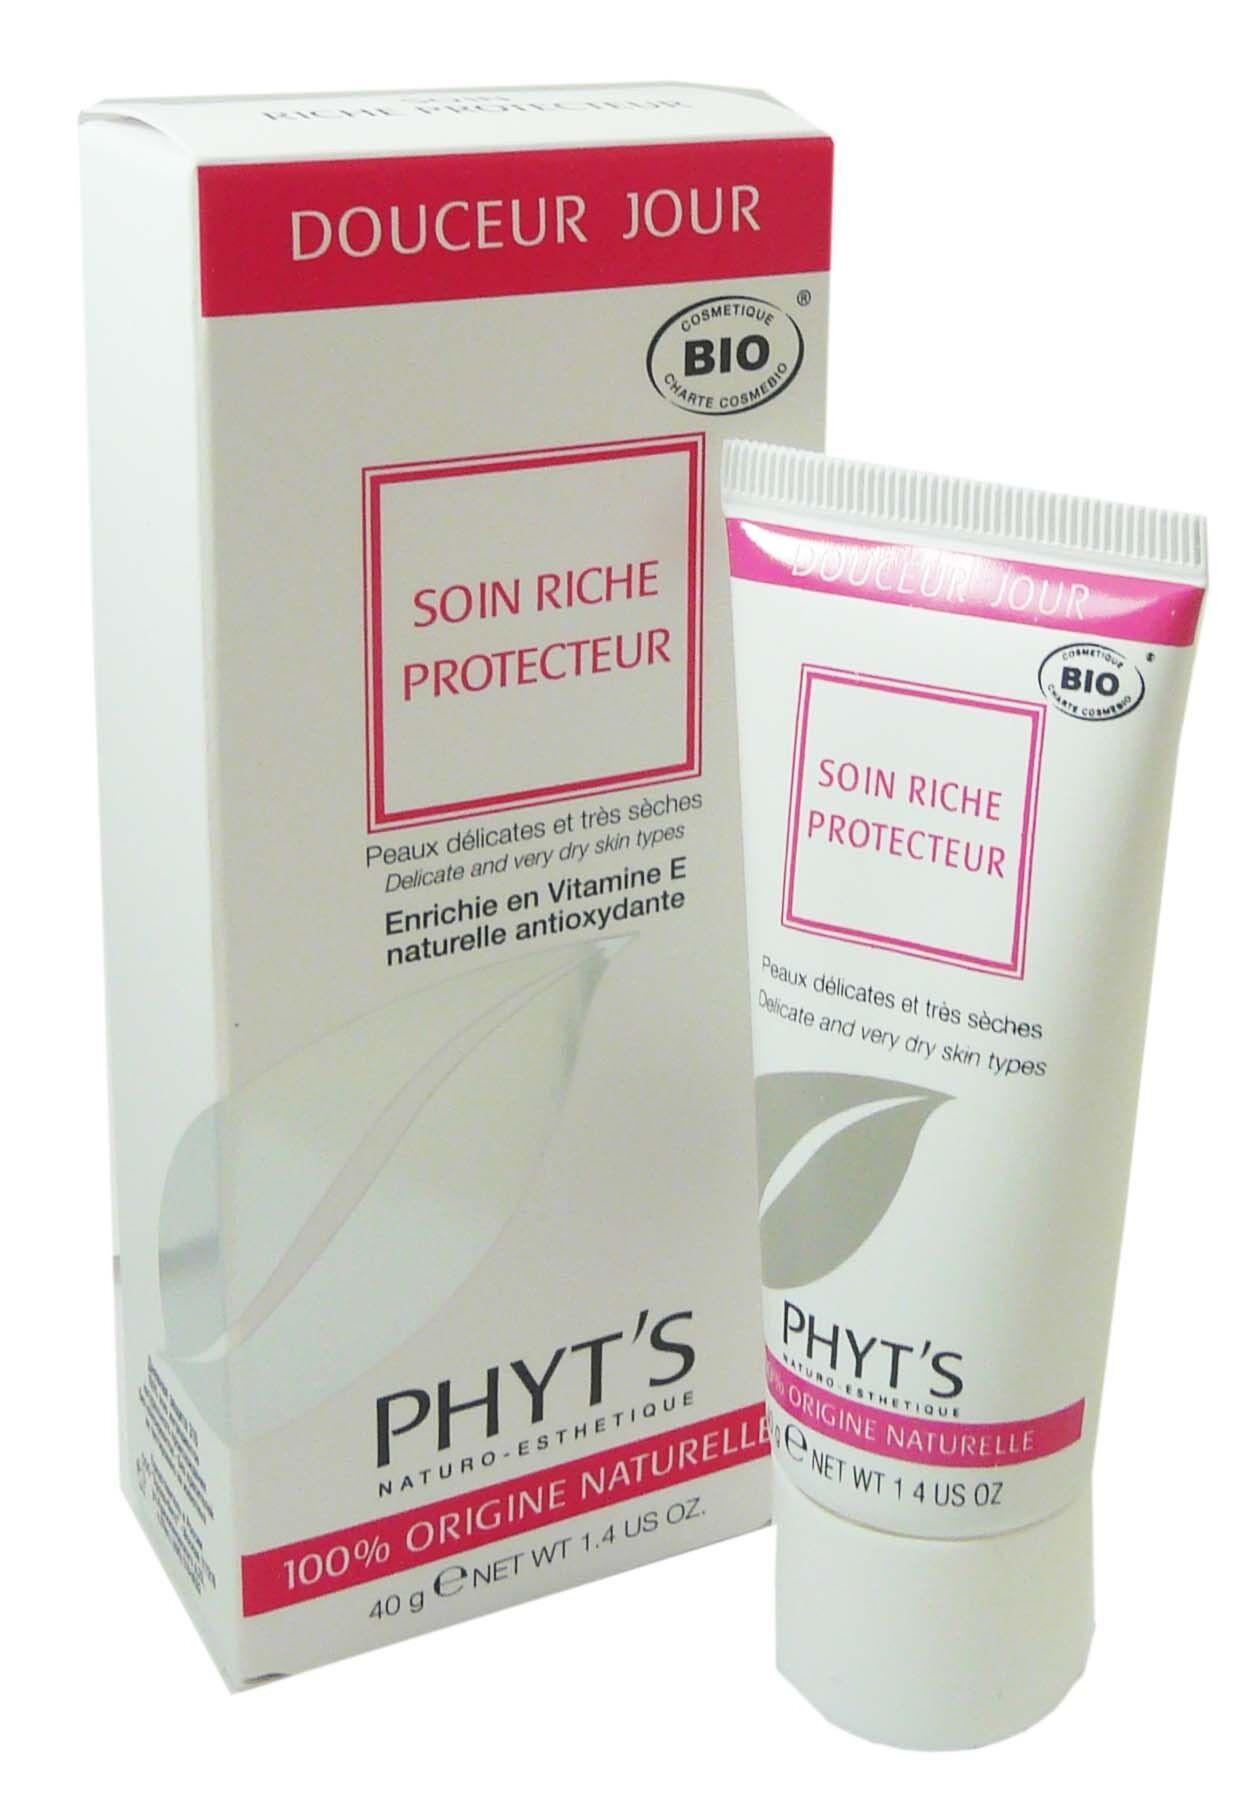 Phyt's soin riche protecteur peaux tres seches 40g